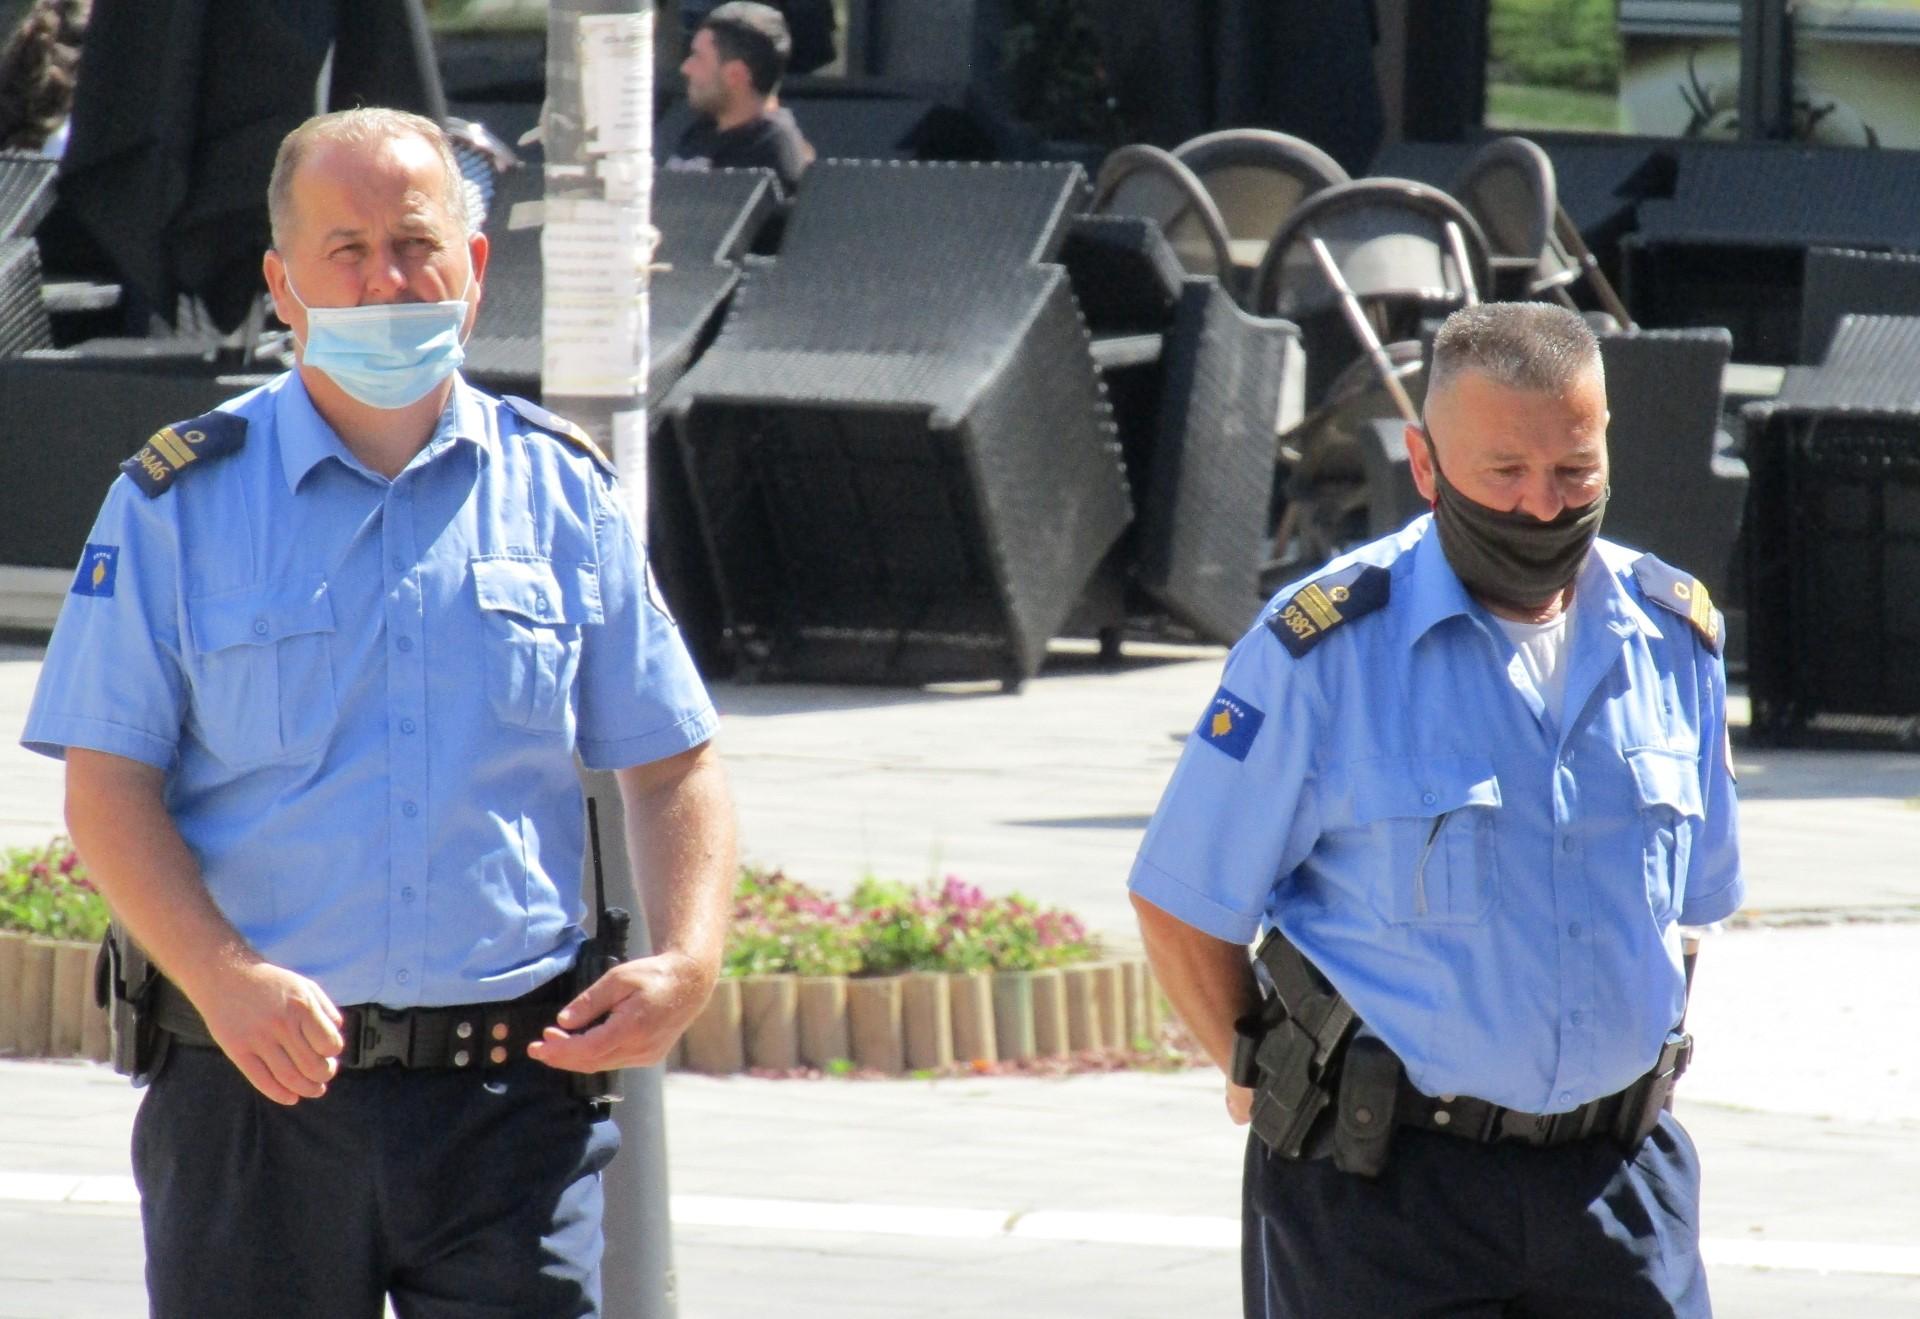 iz-kosovske-policije-apeluju-na-gradane-da-postuju-epidemioloske-mere